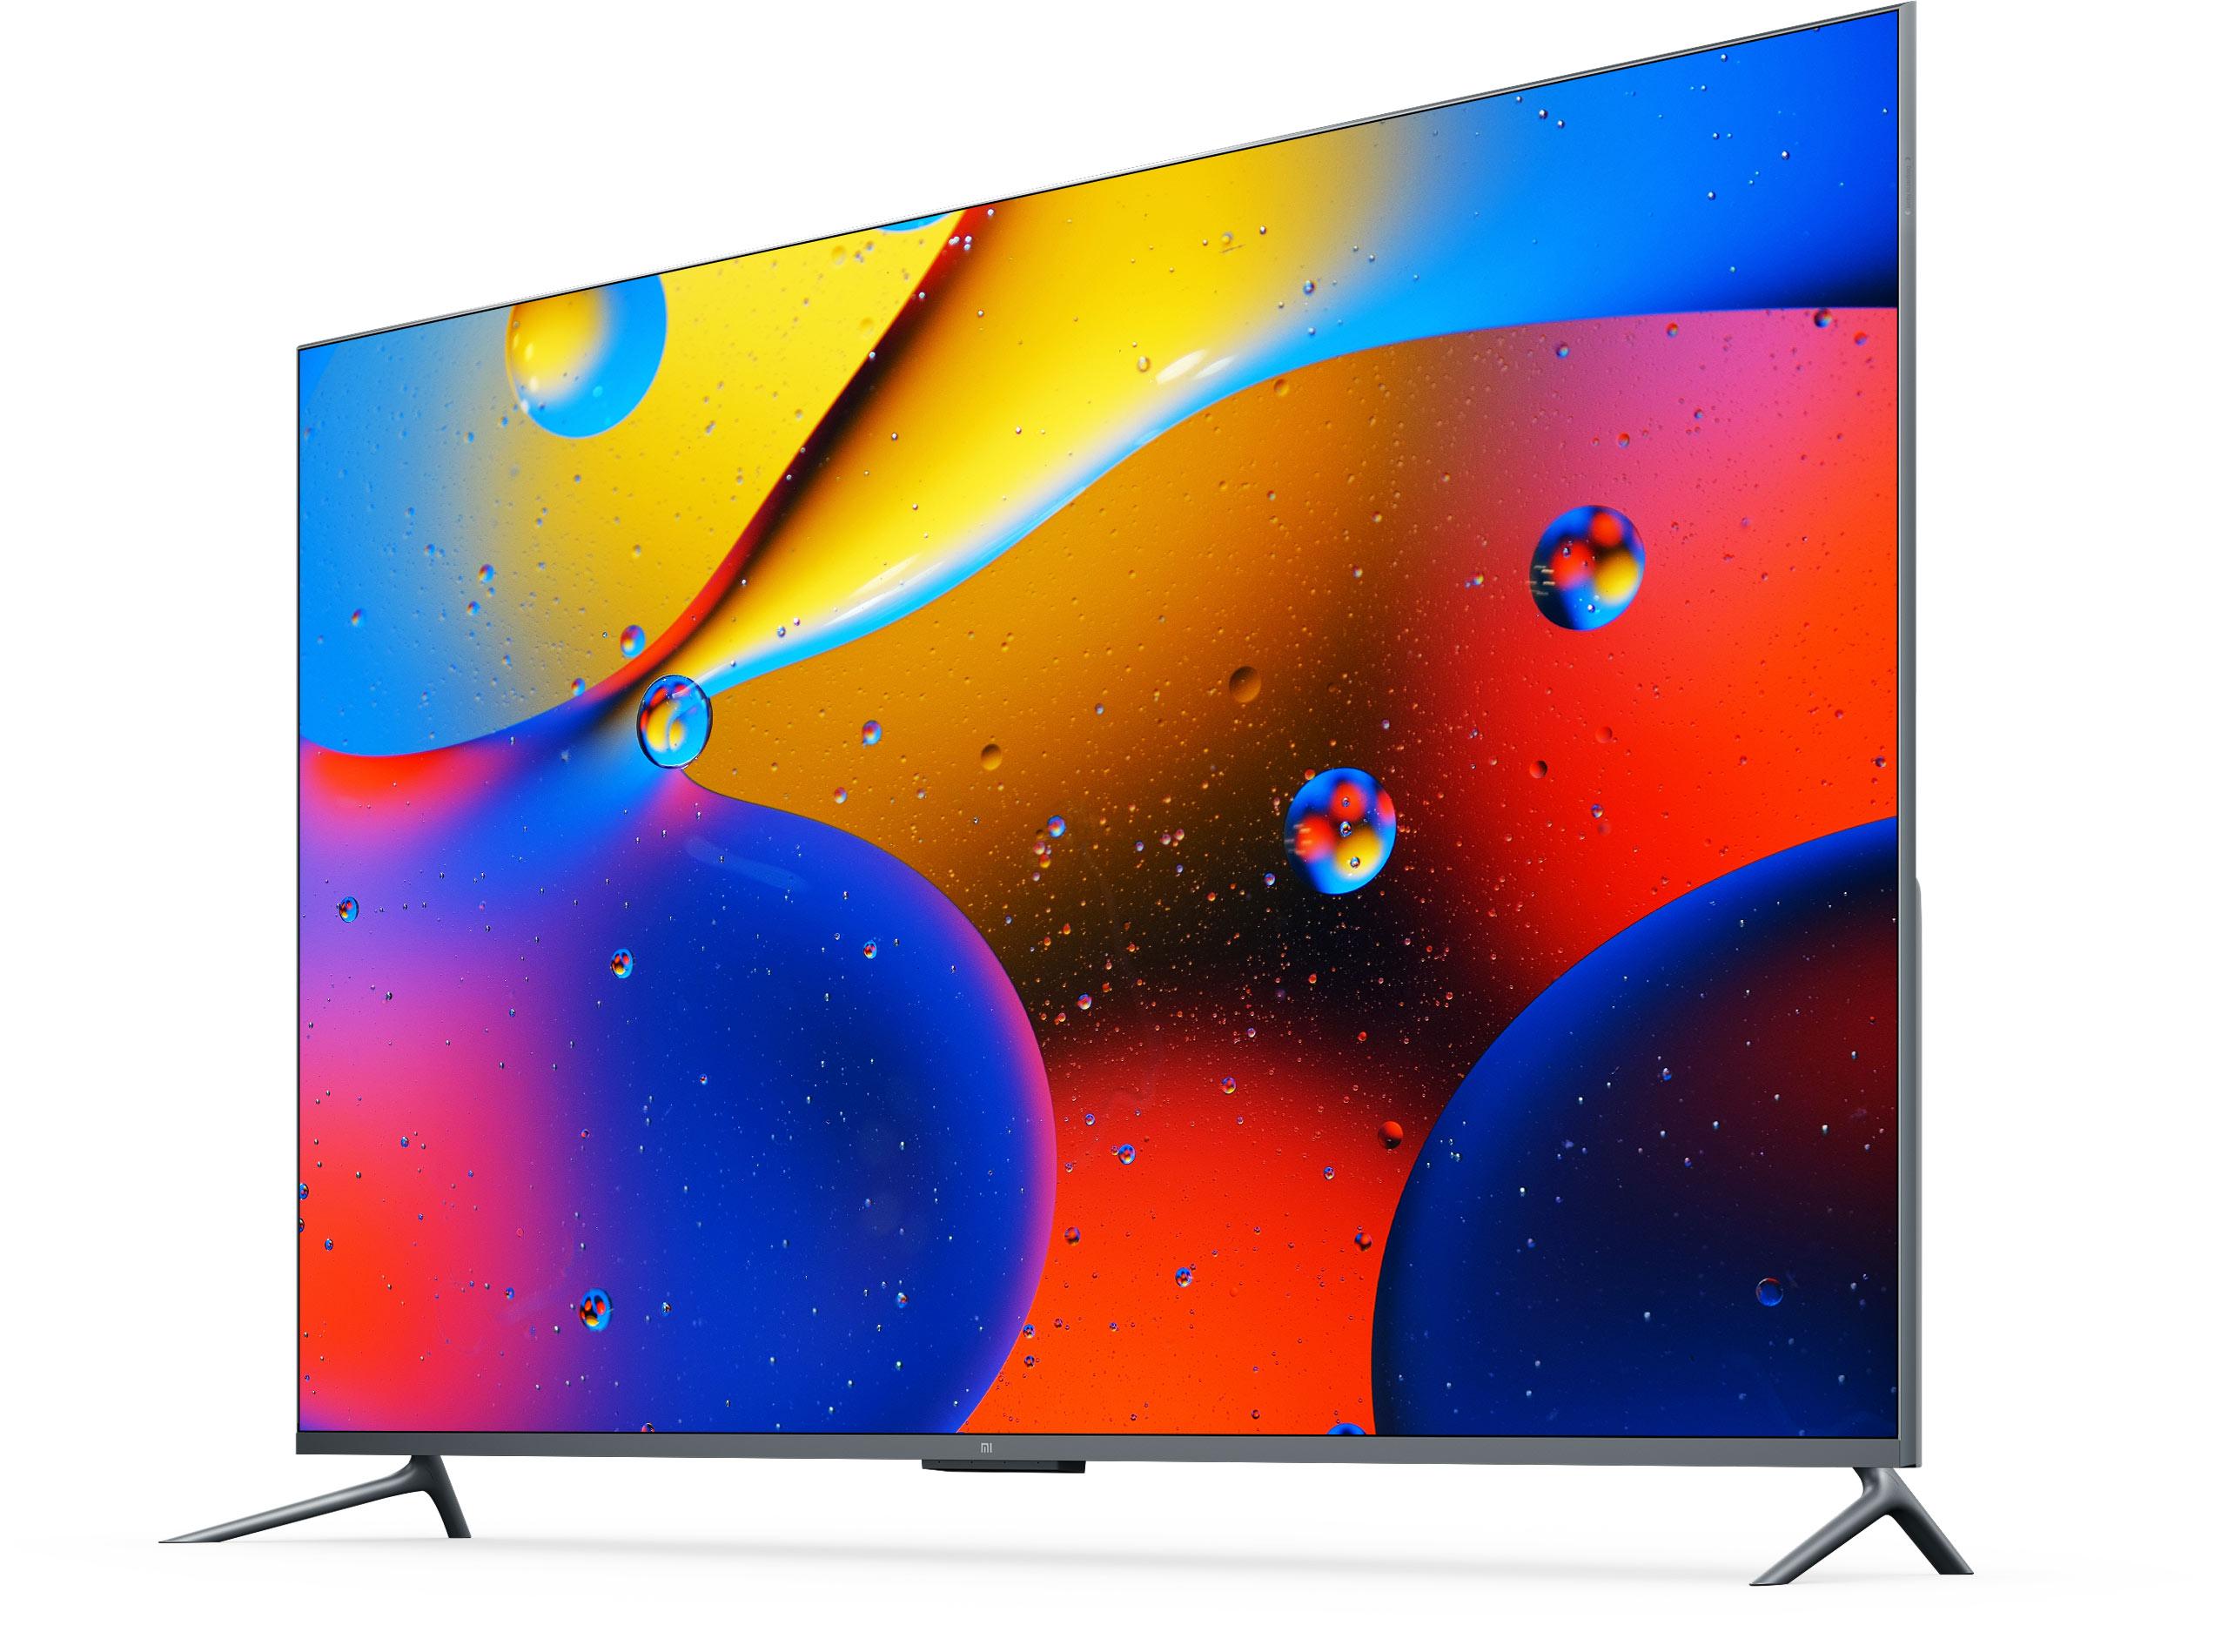 Nuevas Xiaomi Mi TV 5 y Mi TV 5 Pro, caracteristicas, especificaciones y precio. Noticias Xiaomi Adictos